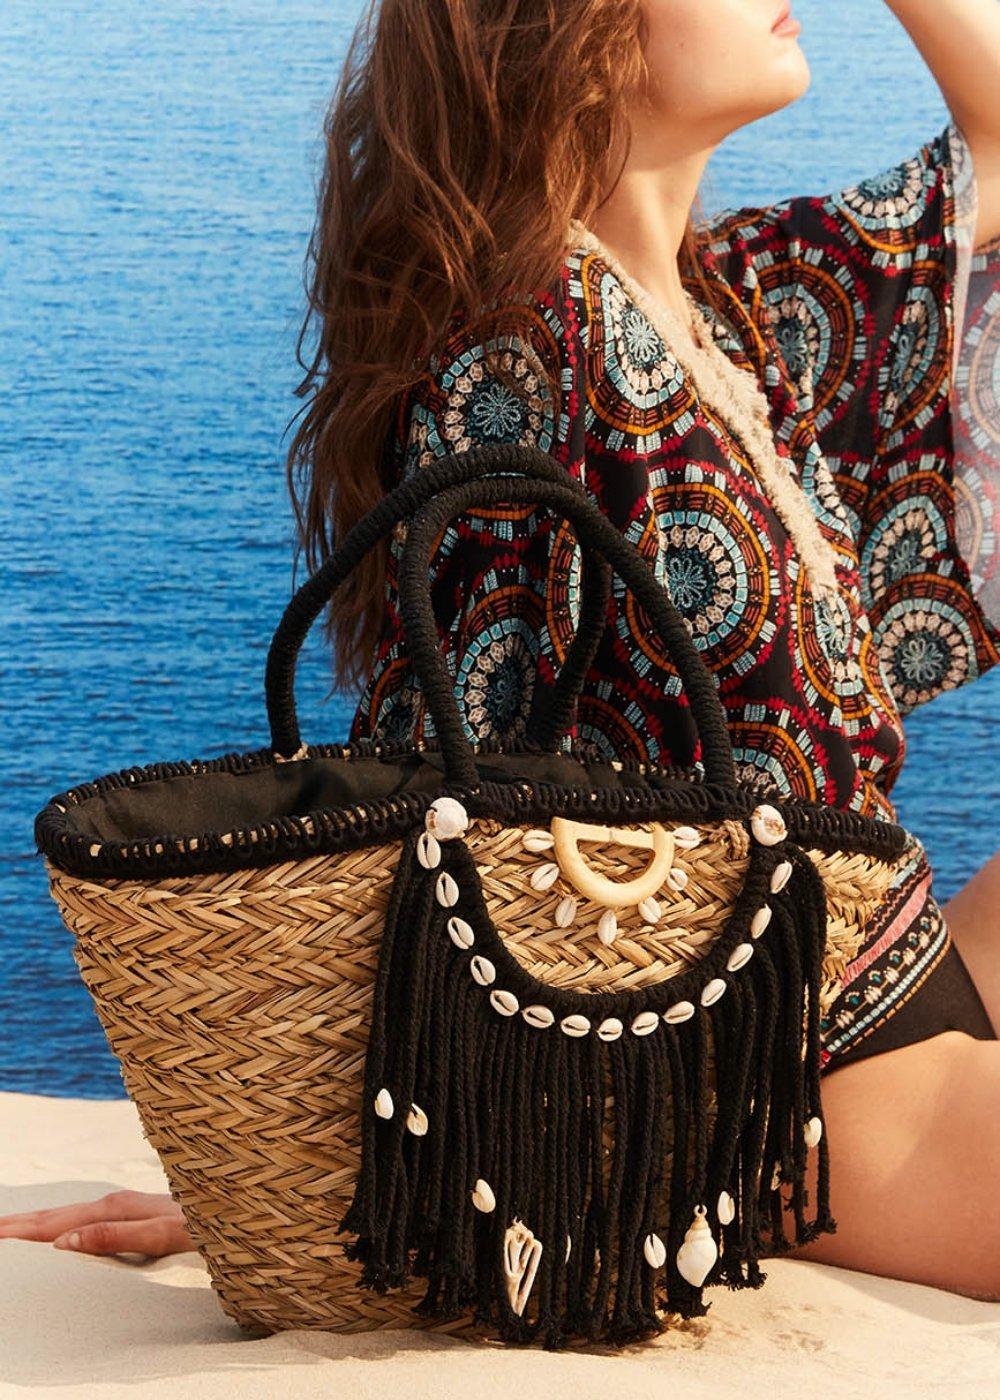 Balu straw beach bag - Black - Woman